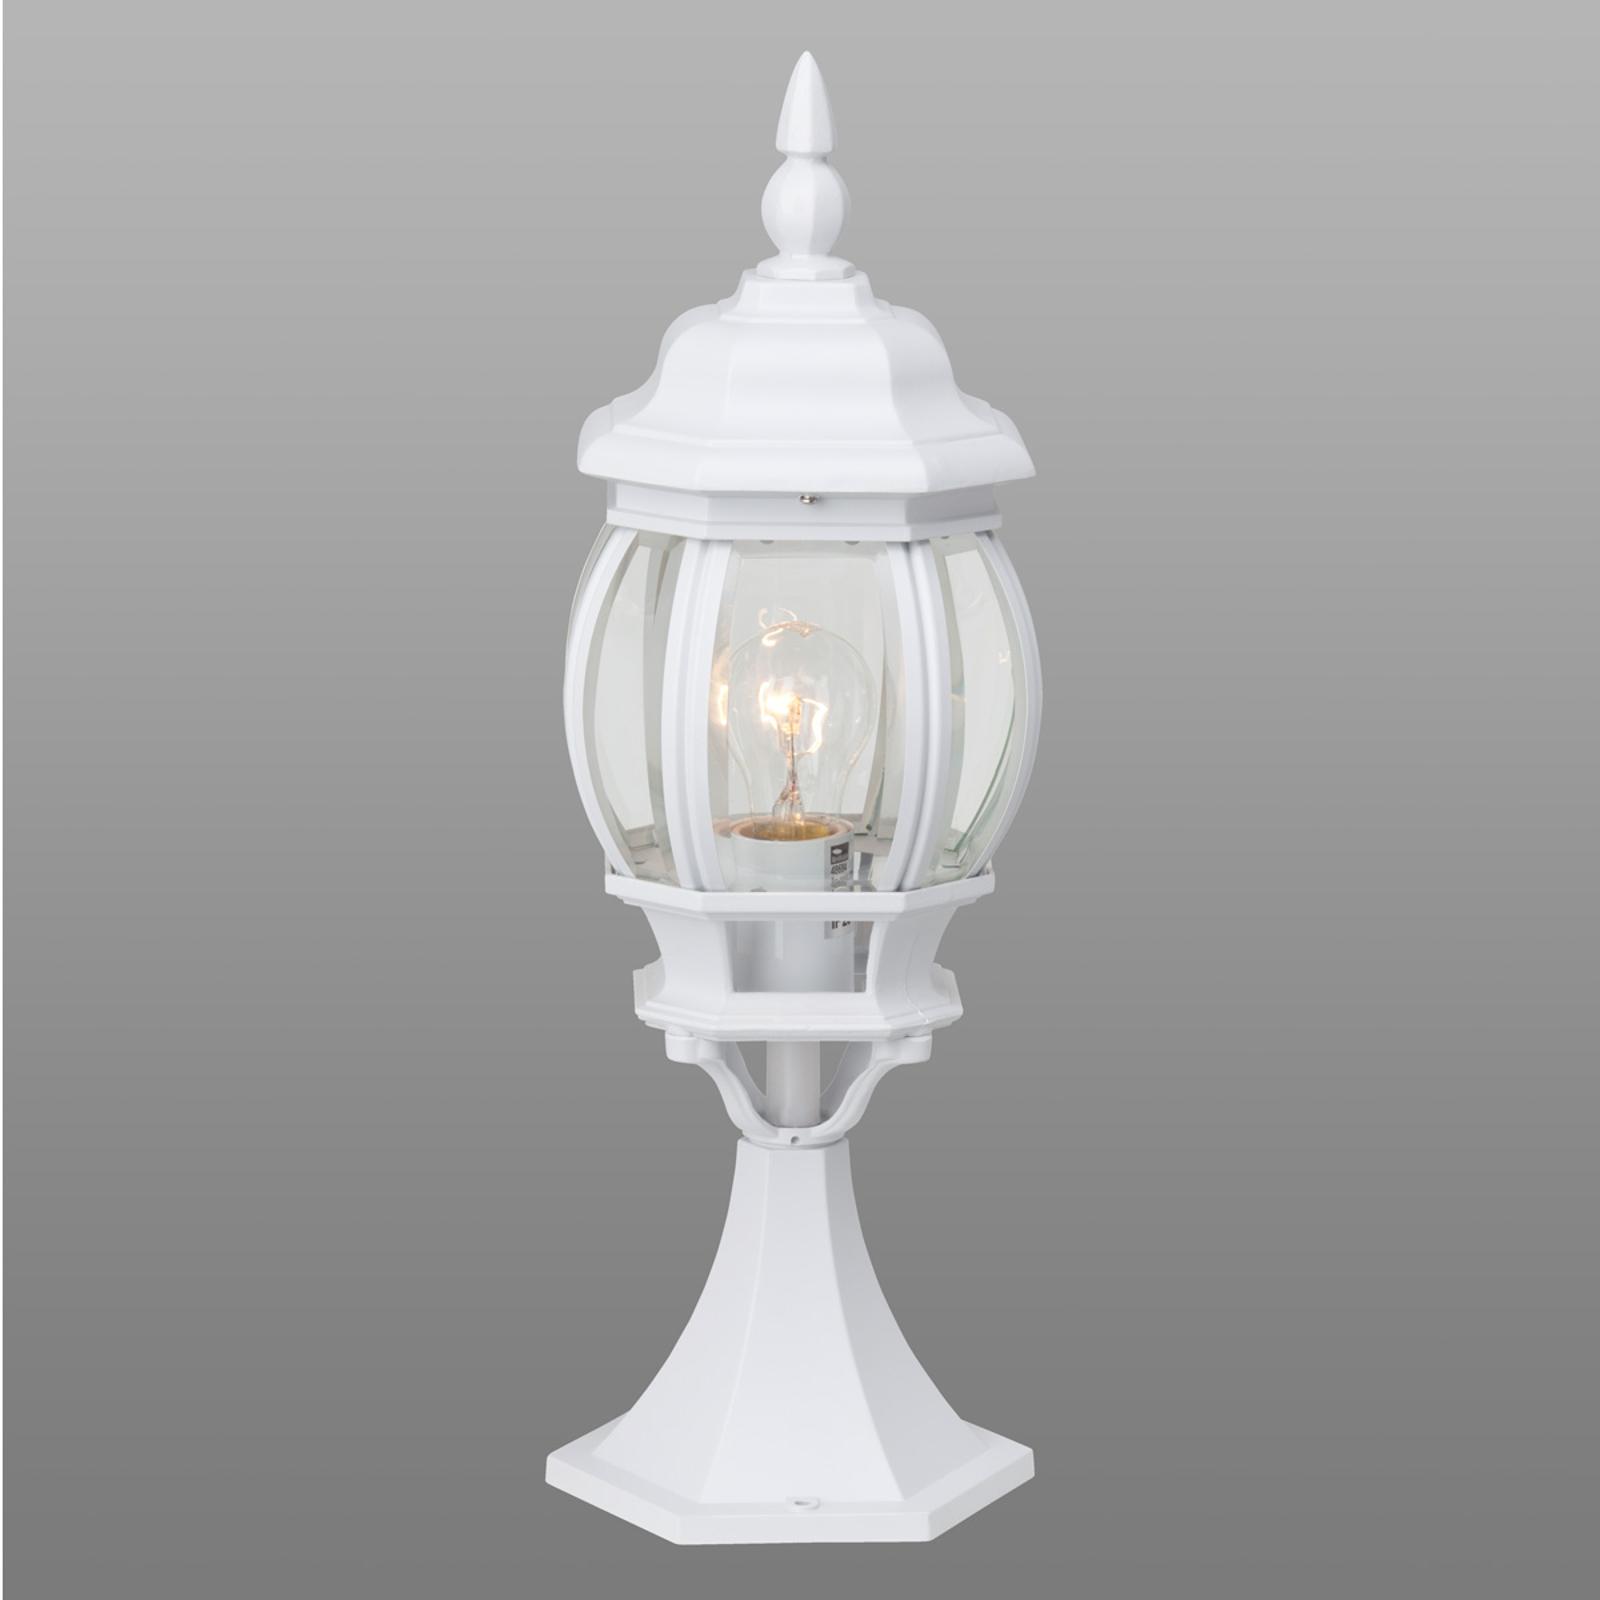 Biele soklové svietidlo Istria_1507235_1